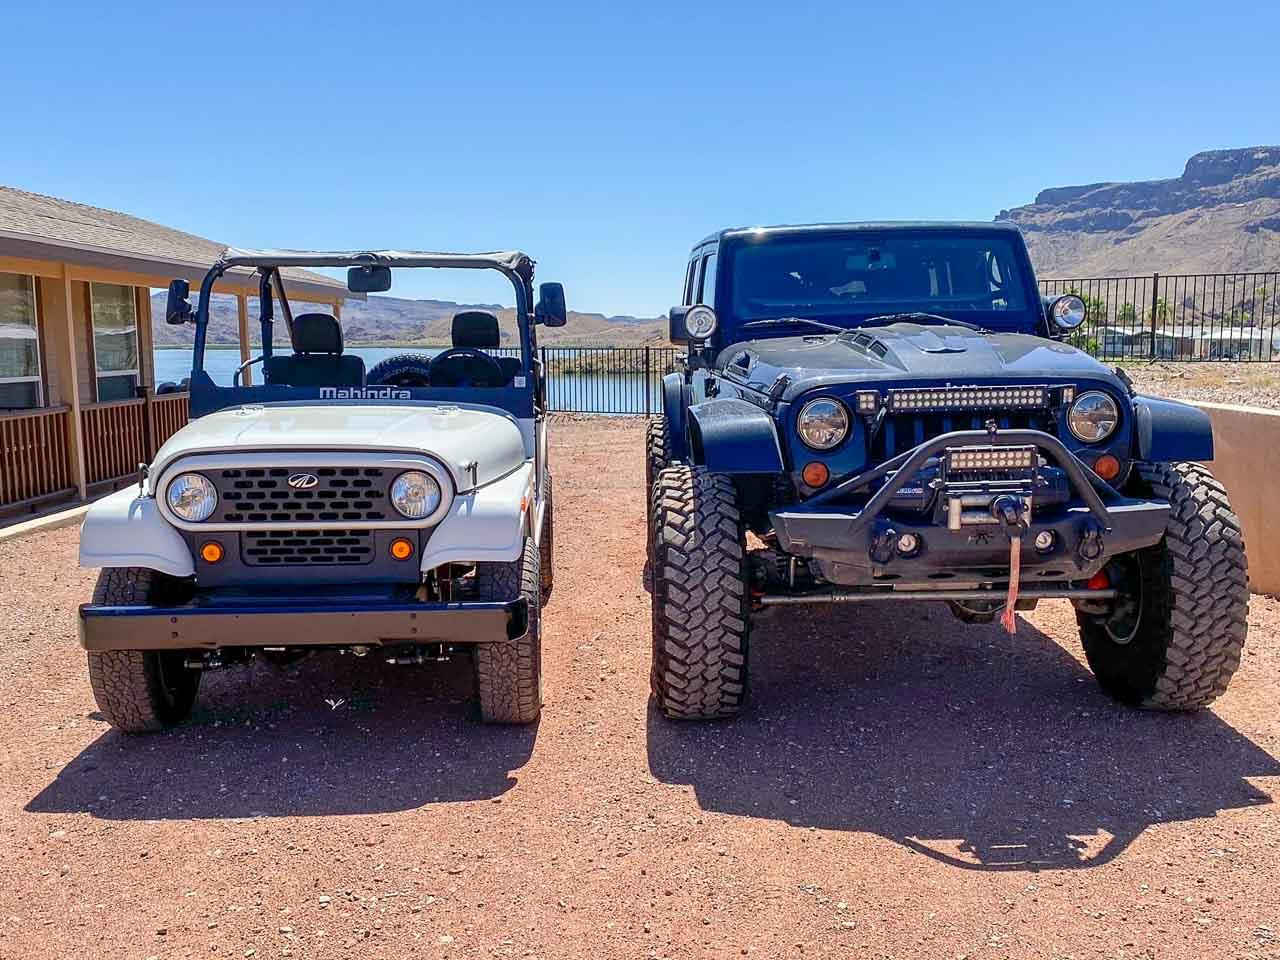 Mahindra Roxor and Jeep